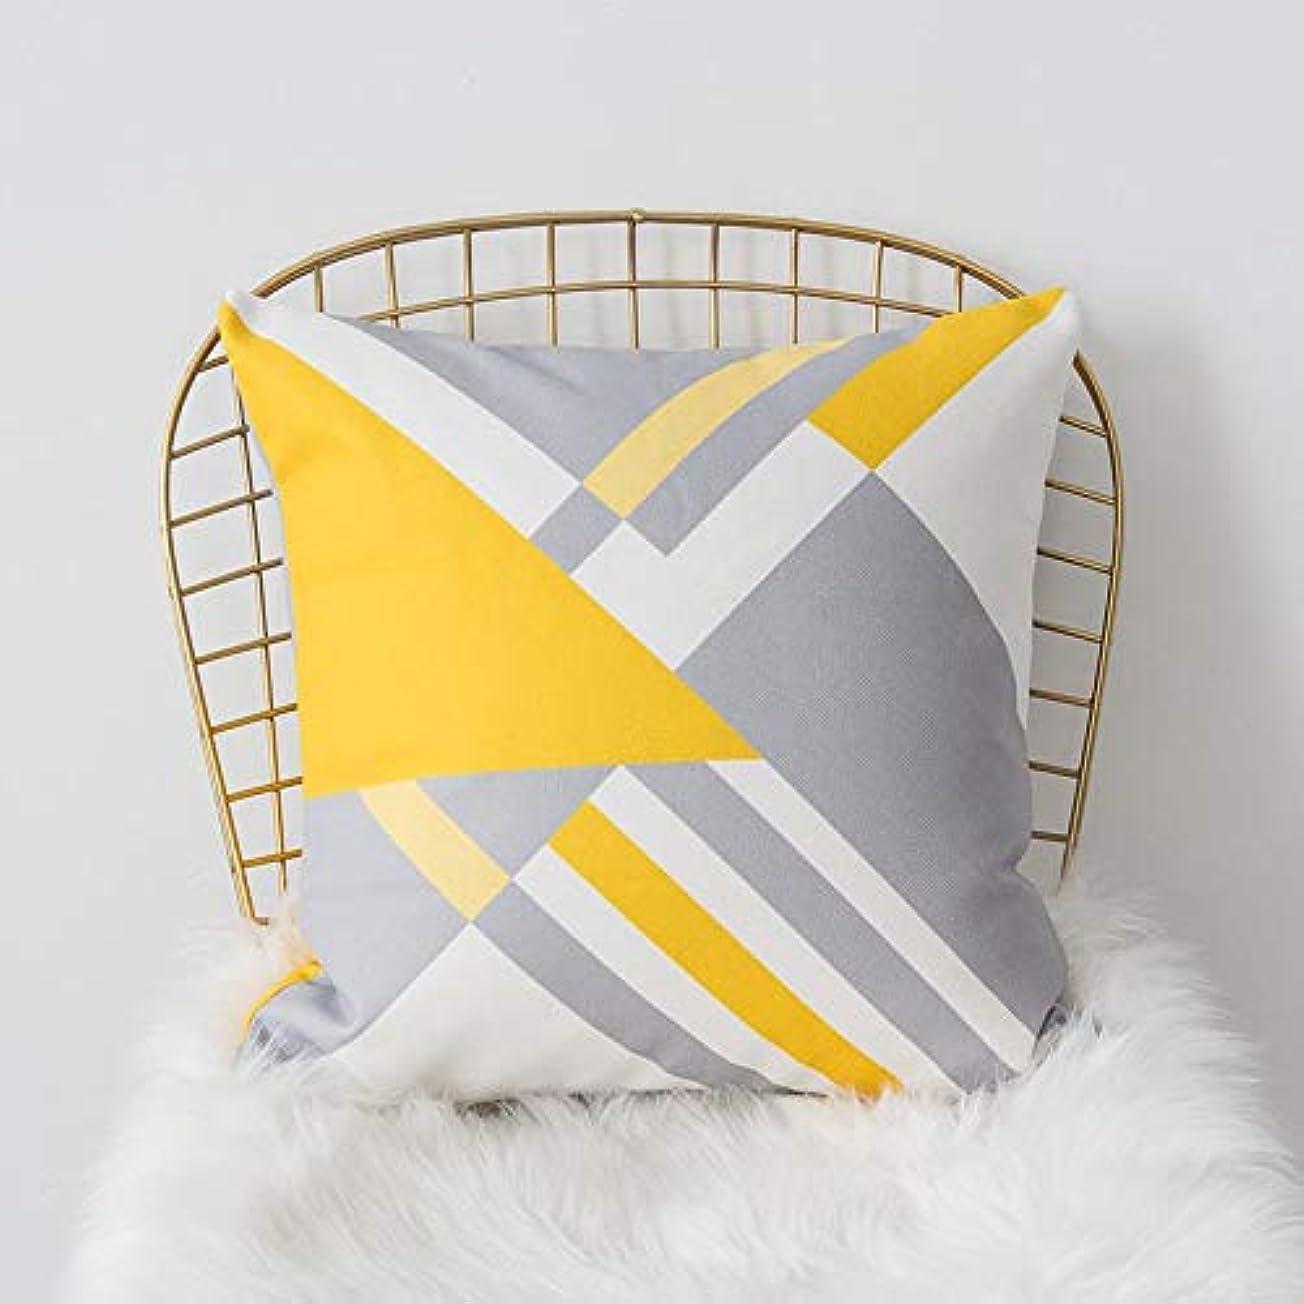 二年生まっすぐにするなぞらえるSMART 黄色グレー枕北欧スタイル黄色ヘラジカ幾何枕リビングルームのインテリアソファクッション Cojines 装飾良質 クッション 椅子